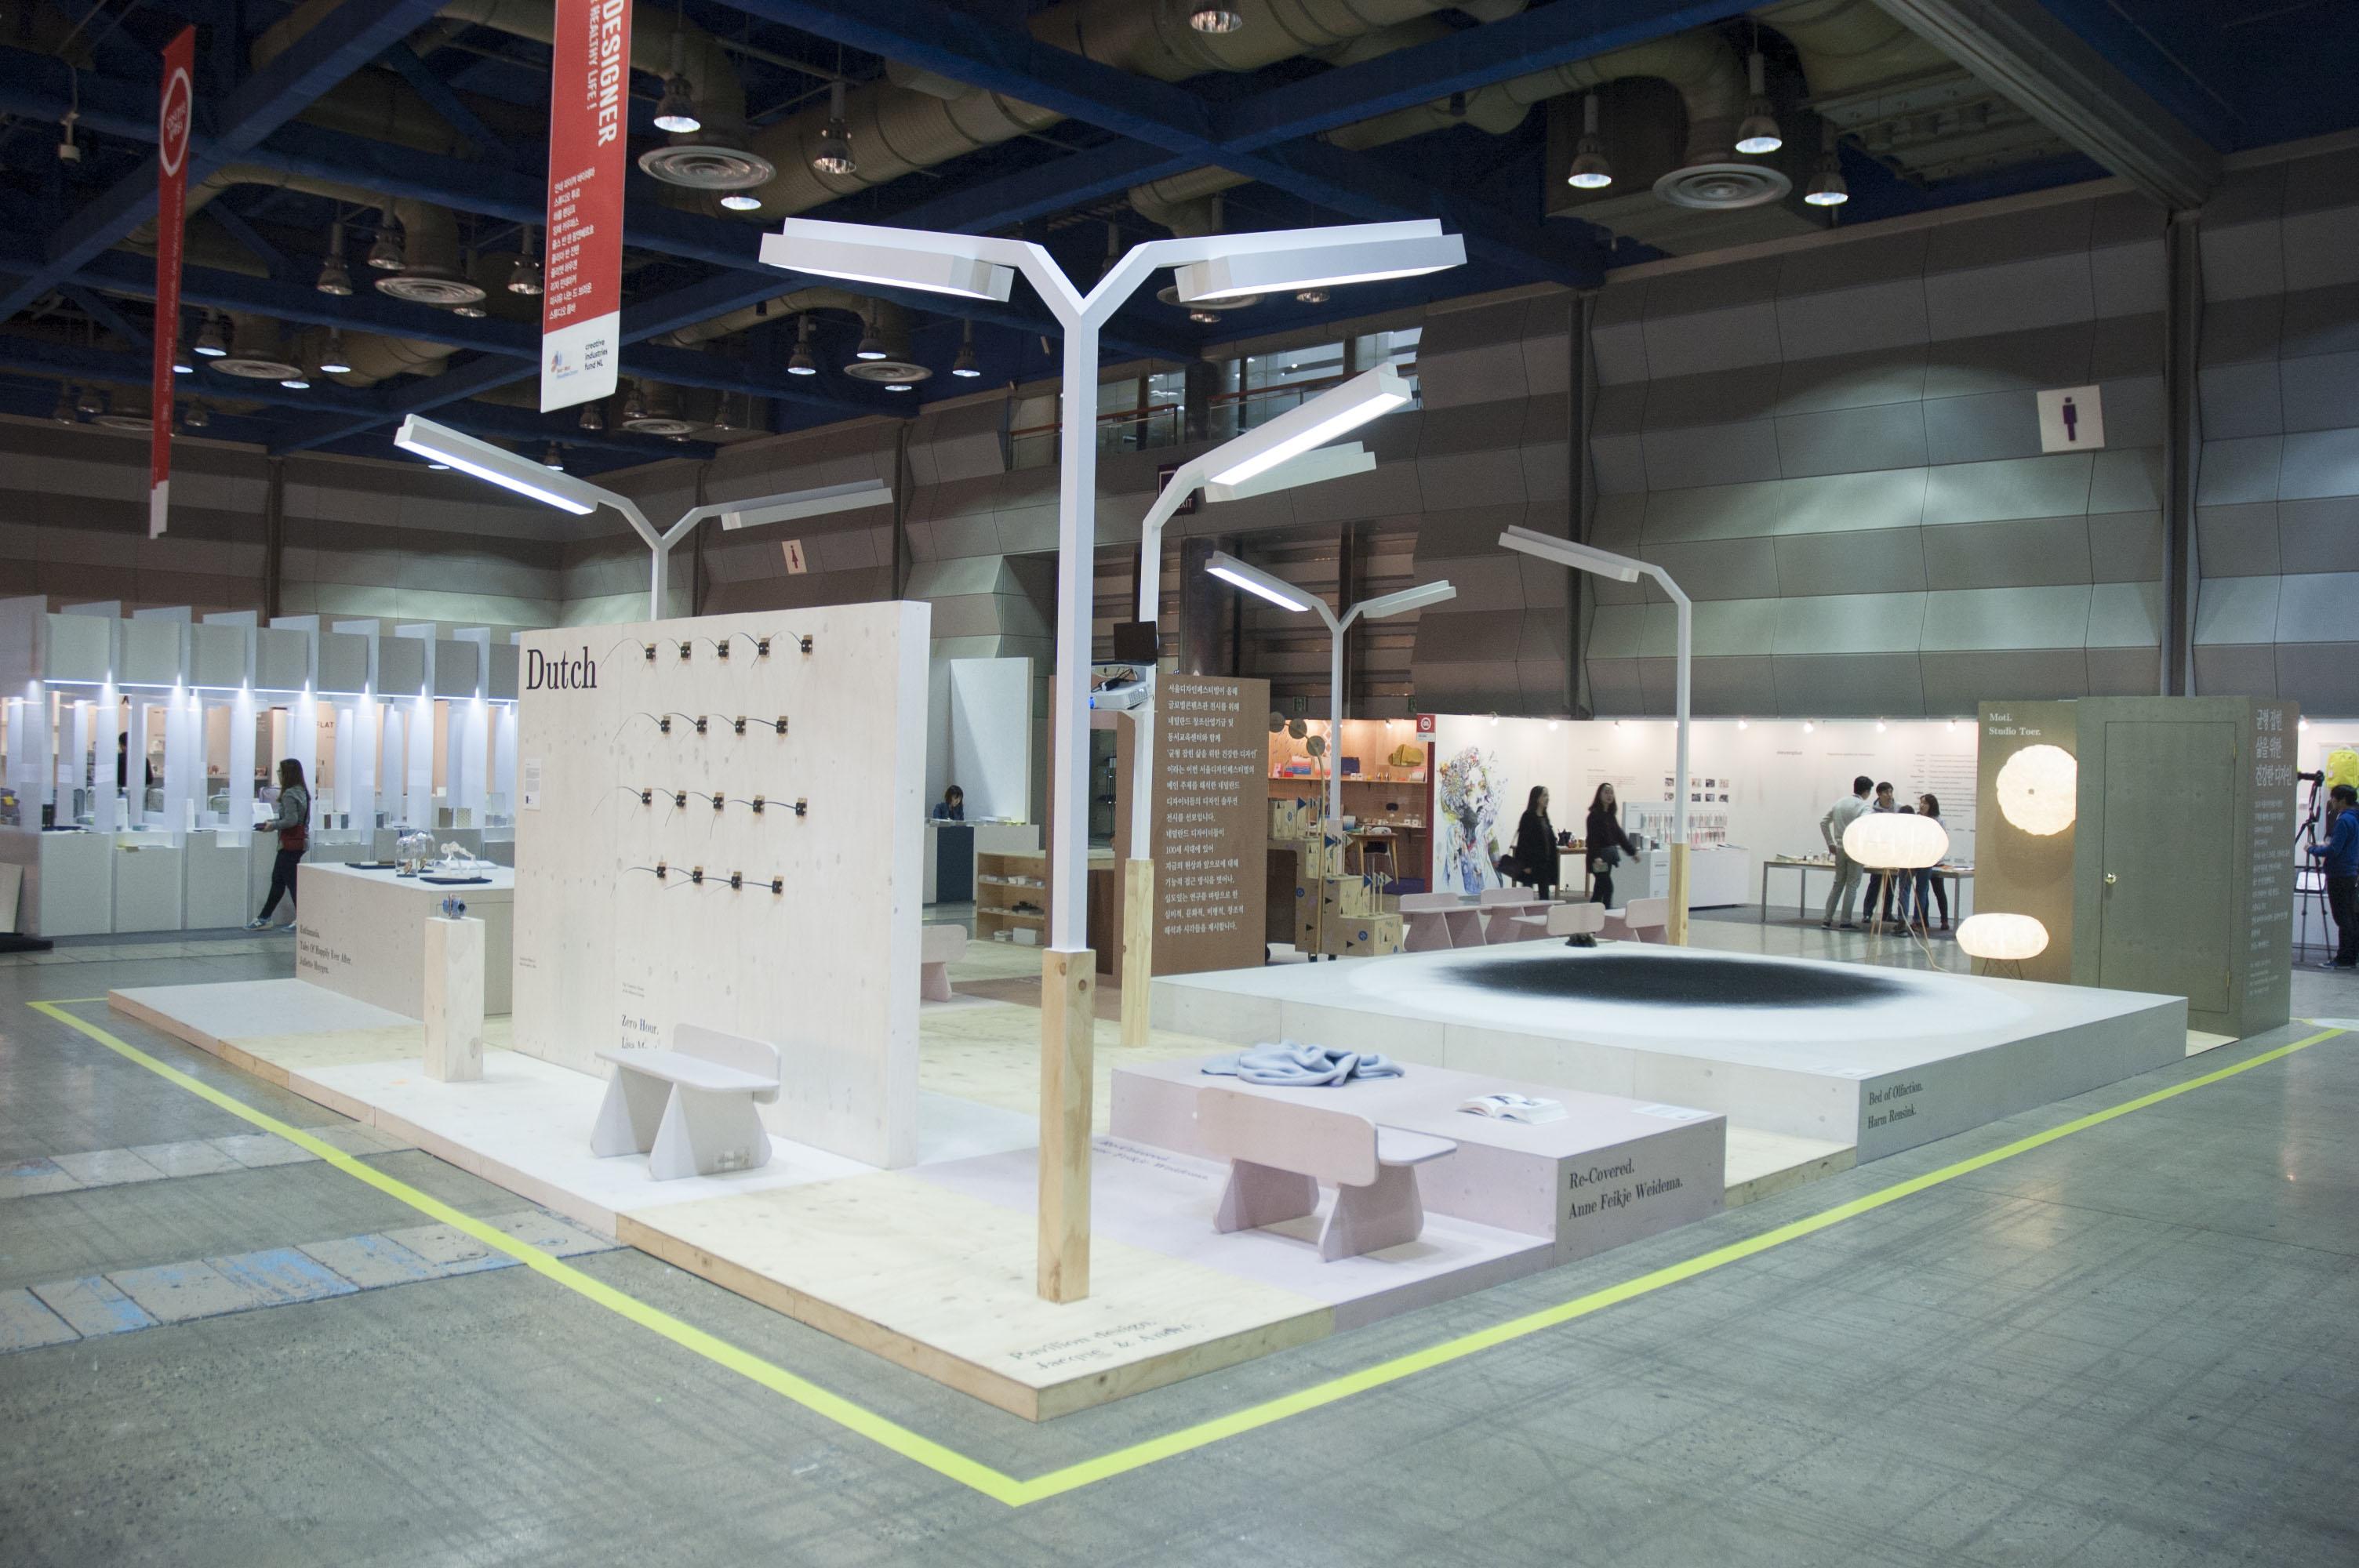 HollandPavilionmetvooraanprojectRecovere.jpg